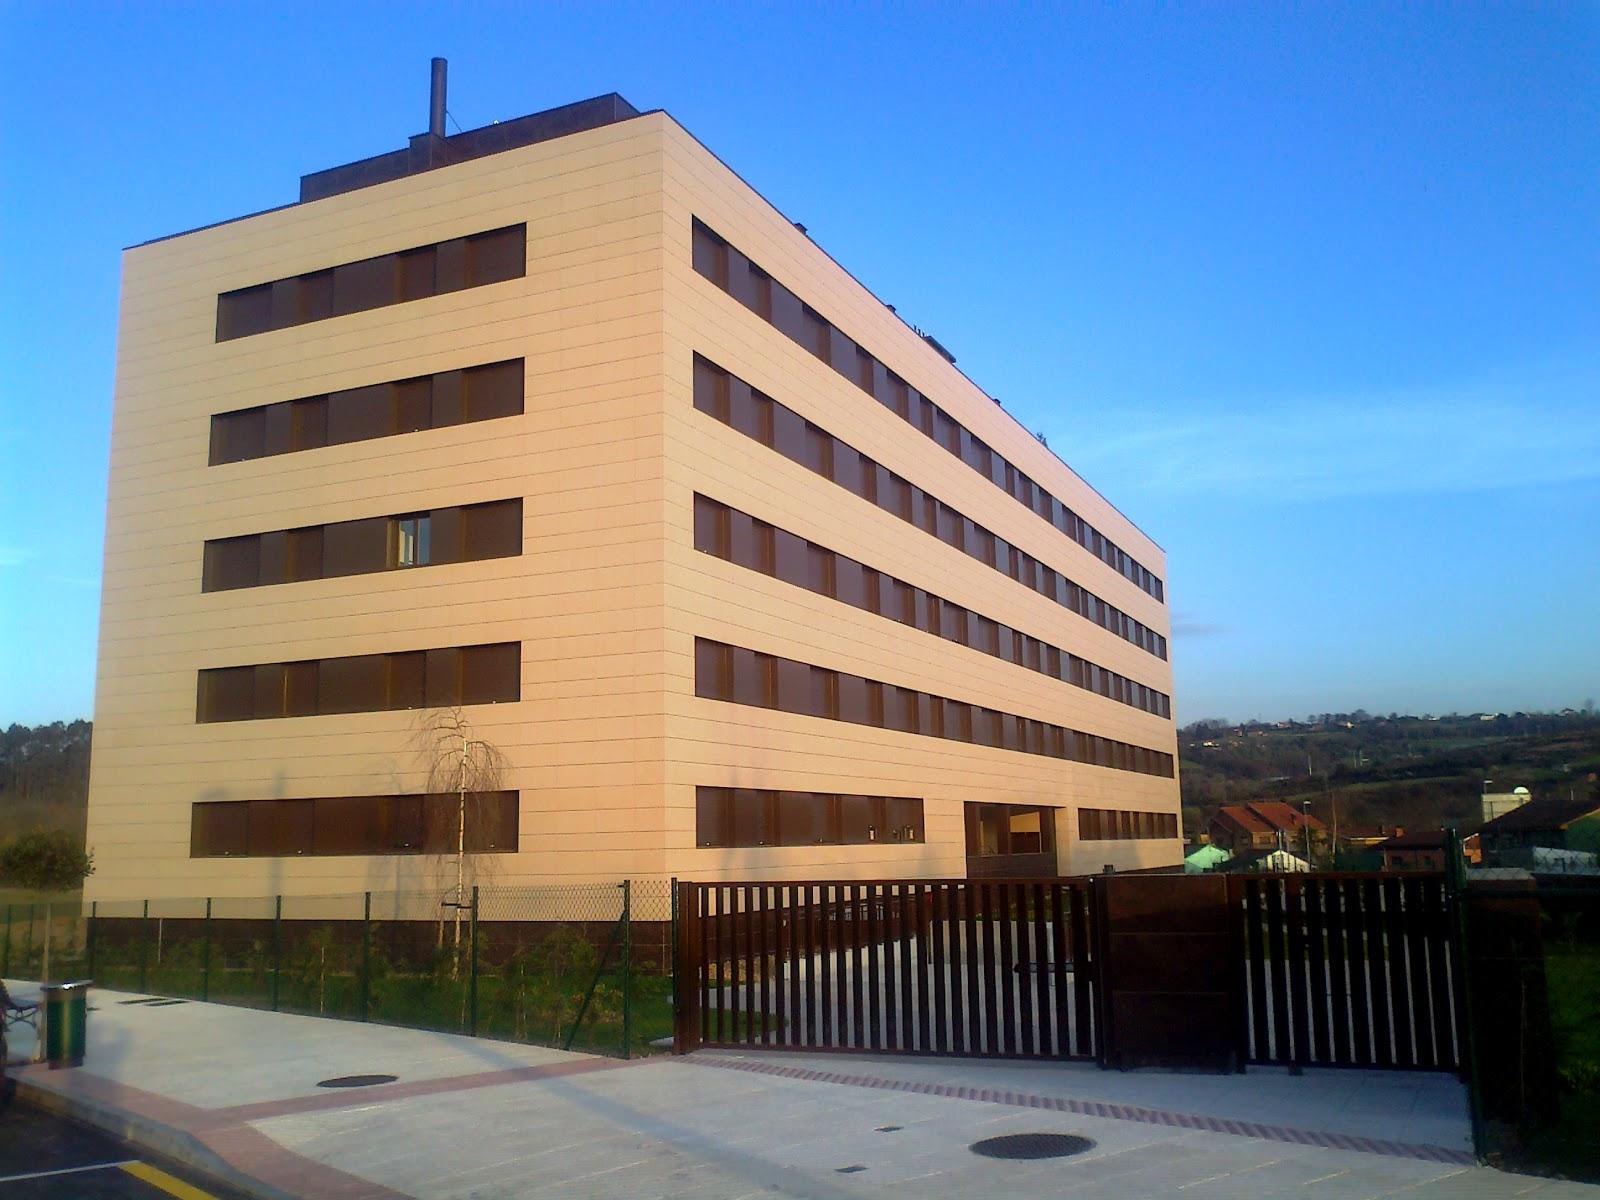 Bau estudio arquitectos edificio abedules en la lloral oviedo - Arquitectos en oviedo ...